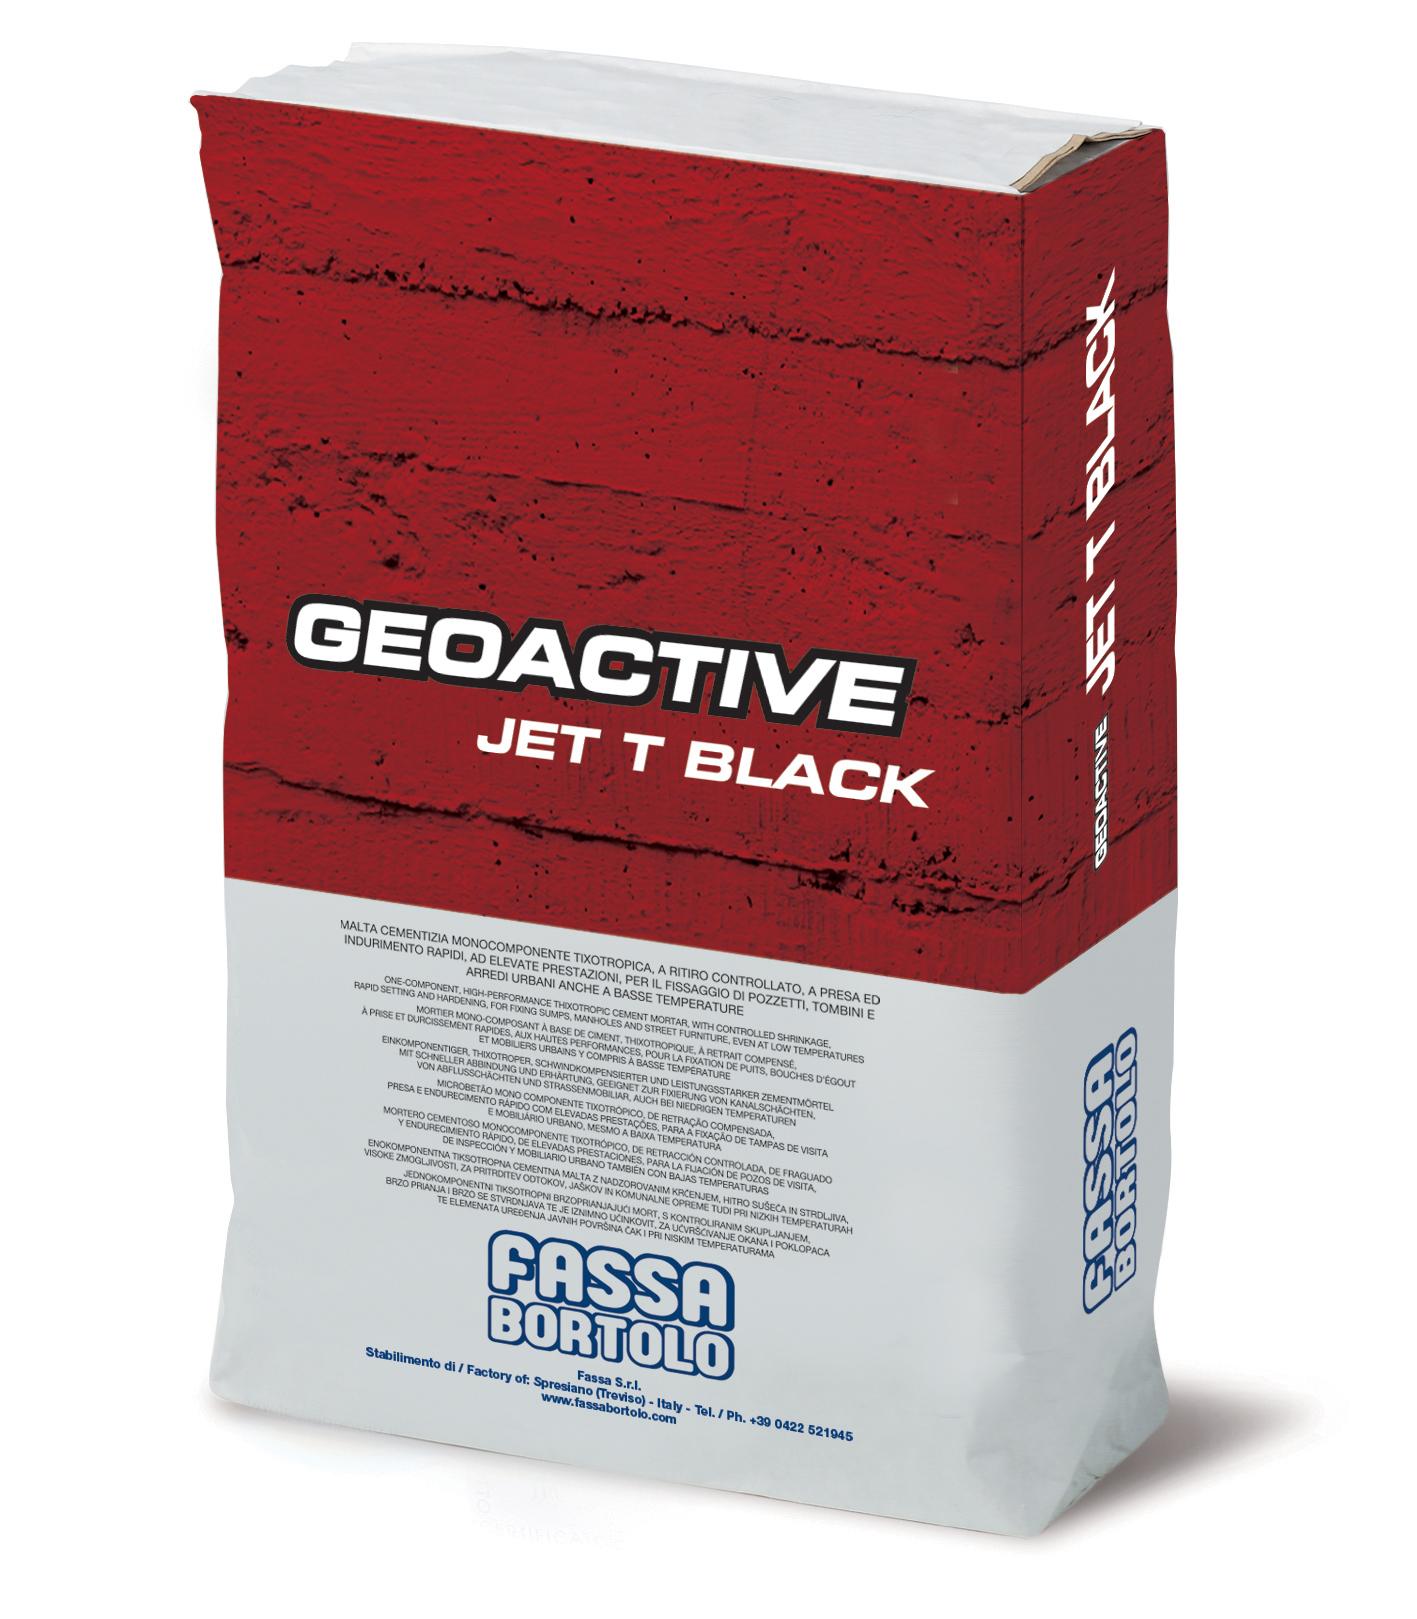 GEOACTIVE JET T BLACK: Einkomponentiger zementgebundener Schnellmörtel von schwarzer Farbe, thixotrop, faserverstärkt und mit hohen Leistungseigenschaften, für den Einbau von Schachtabdeckungen und die Befestigung von Städtemobiliar auch bei niedrigen Temperaturen